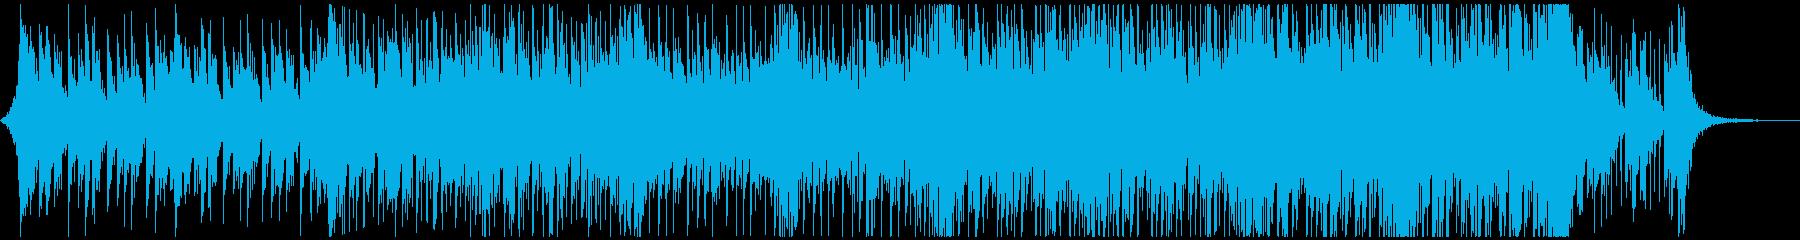 Epic Percussionの再生済みの波形